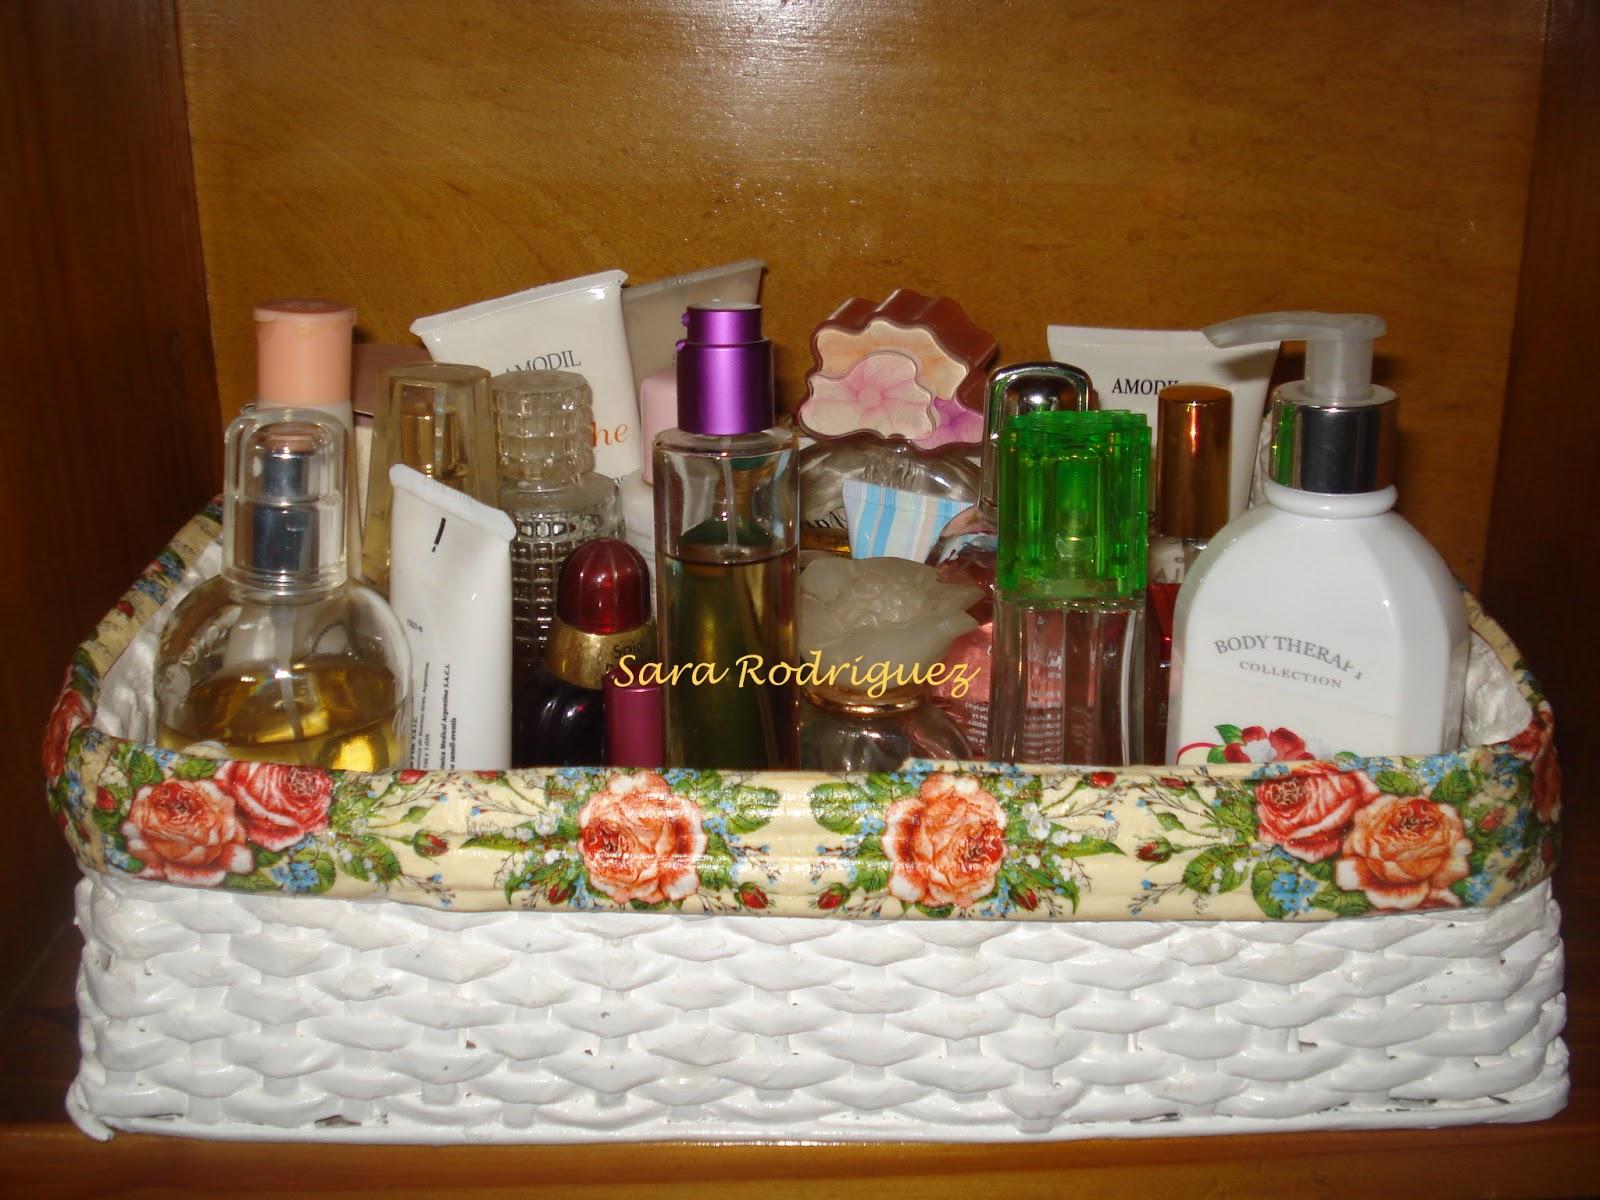 La casa de los mu ecos caja tejida con papel peri dico para guardar perfumes - Perfumes en casa ...